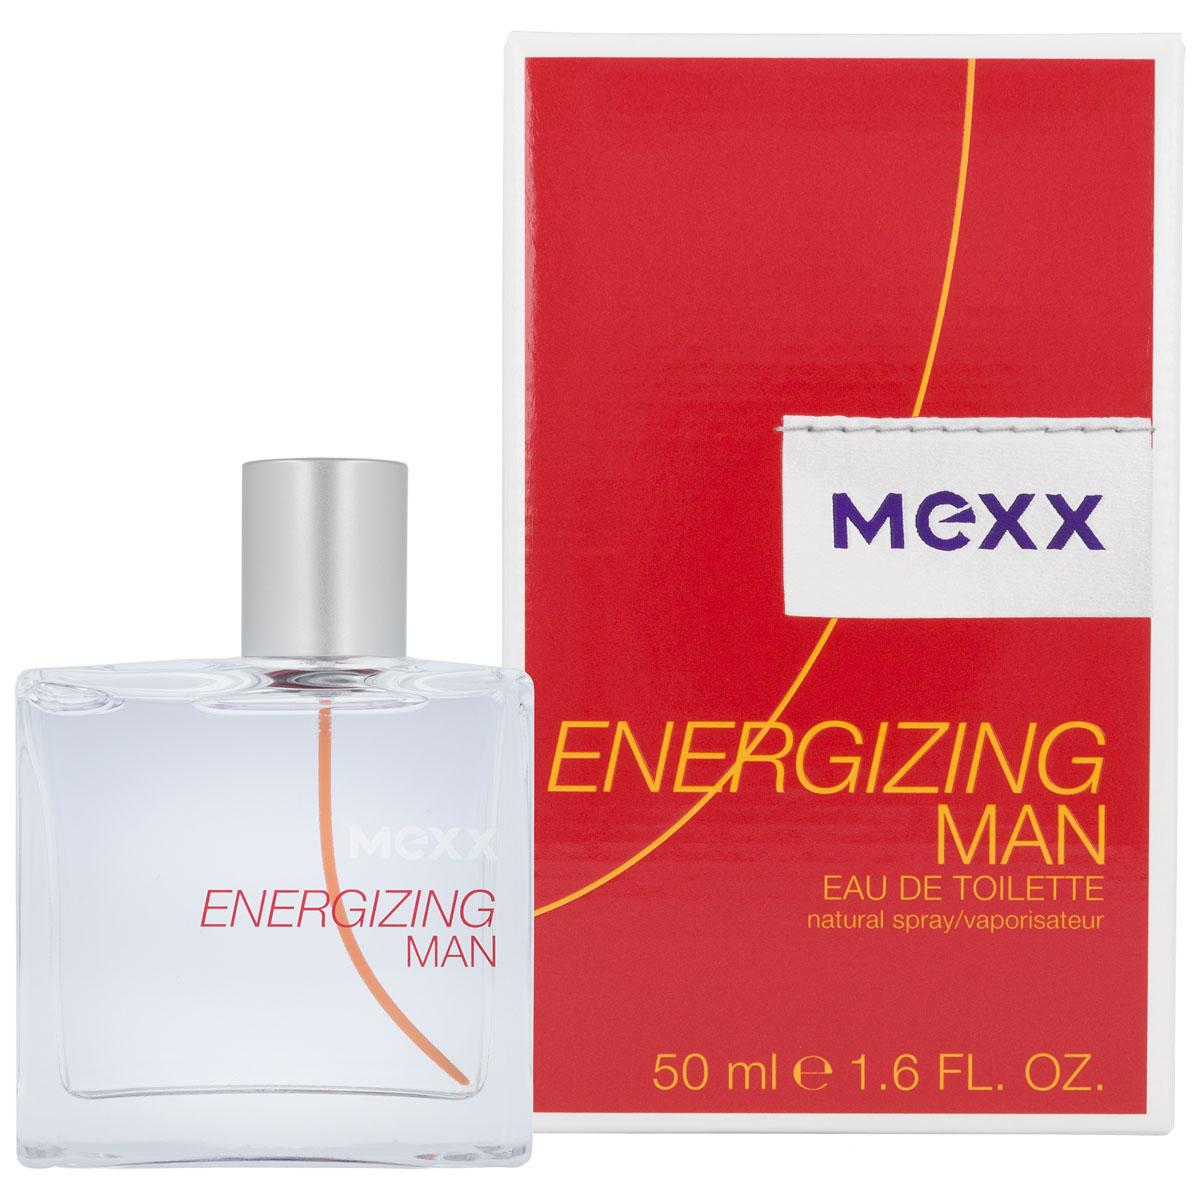 Mexx Energizing Man Туалетная вода, 50 мл0737052679068Жизнерадостный аромат, наполняющий Вас энергией и позитивом. Mexx наполняет Вас положительной энергией и передает ощущение яркого солнечного утра. Mexx Energizing Man - это бодрящая свежесть и приятная прохлада.! Energizing Man - встречаем новый день с оптимизмом! Композиция: грейпфрут, апельсин, водные оттенки, полынь, мускатный орех, кедр, пачули, мускус, амбра. Мужской аромат представляет певец Джеймс Блант. Аромат создан в 2013г.